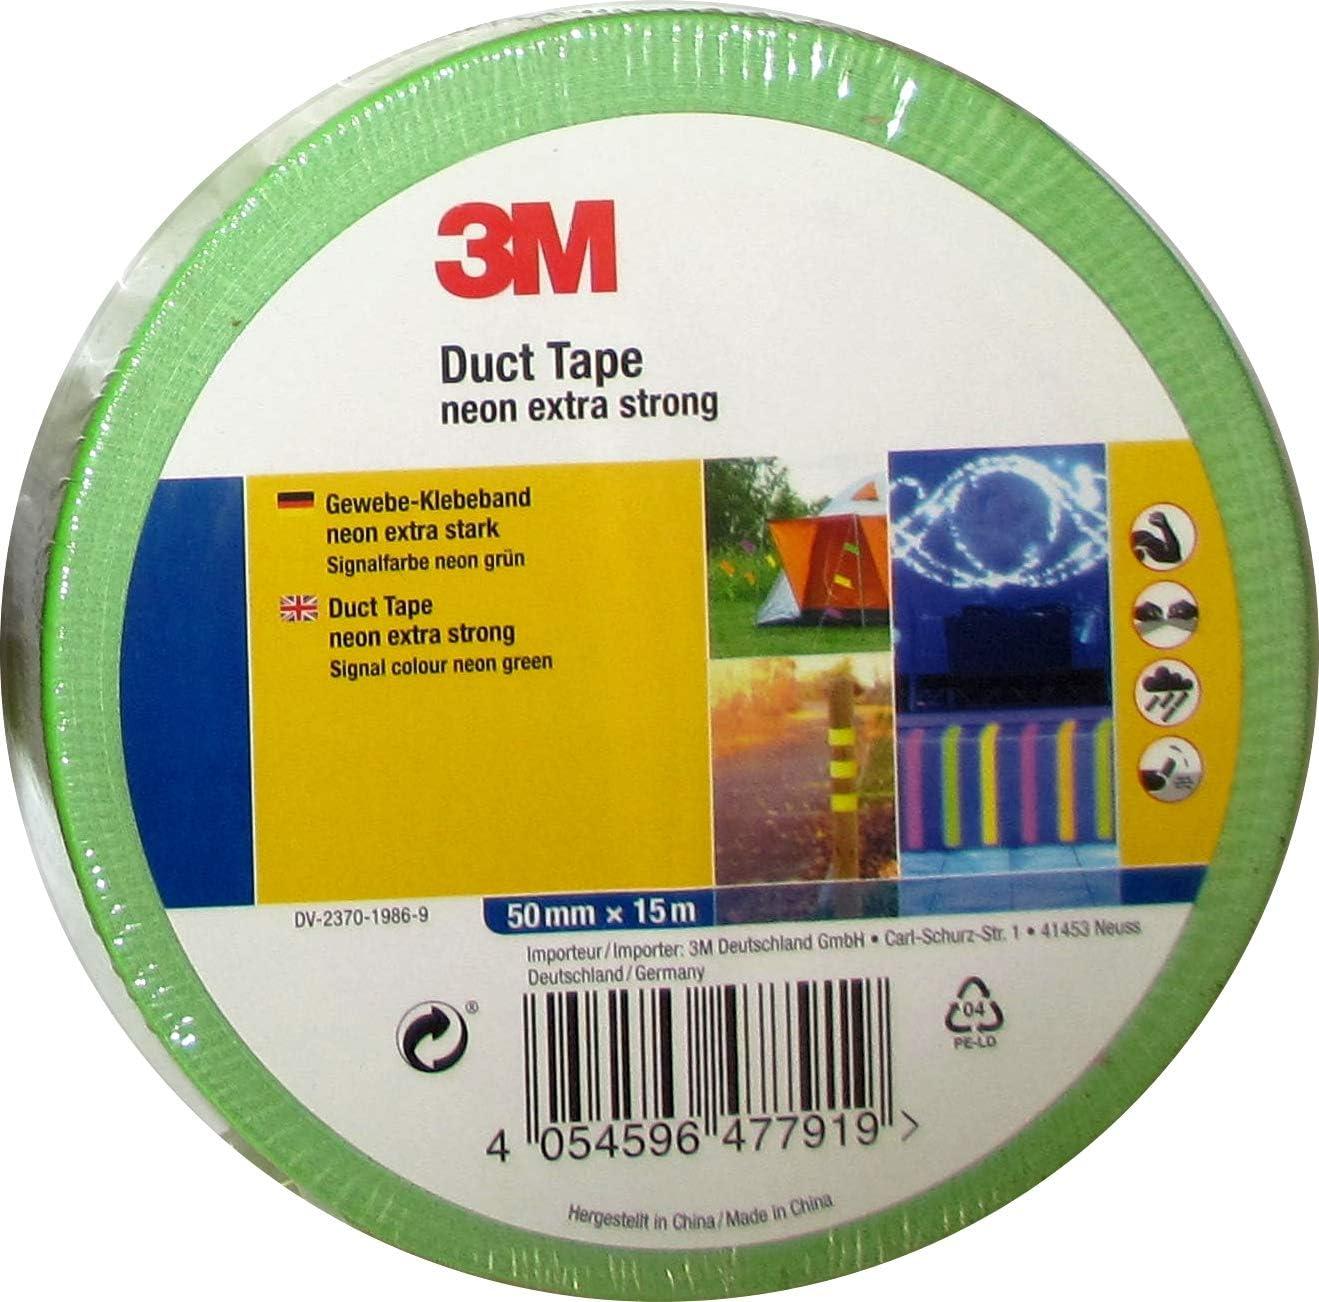 Neongelb extra stark in Neon Signalfarbe 3M Premium Gewebeklebeband//Duct Tape